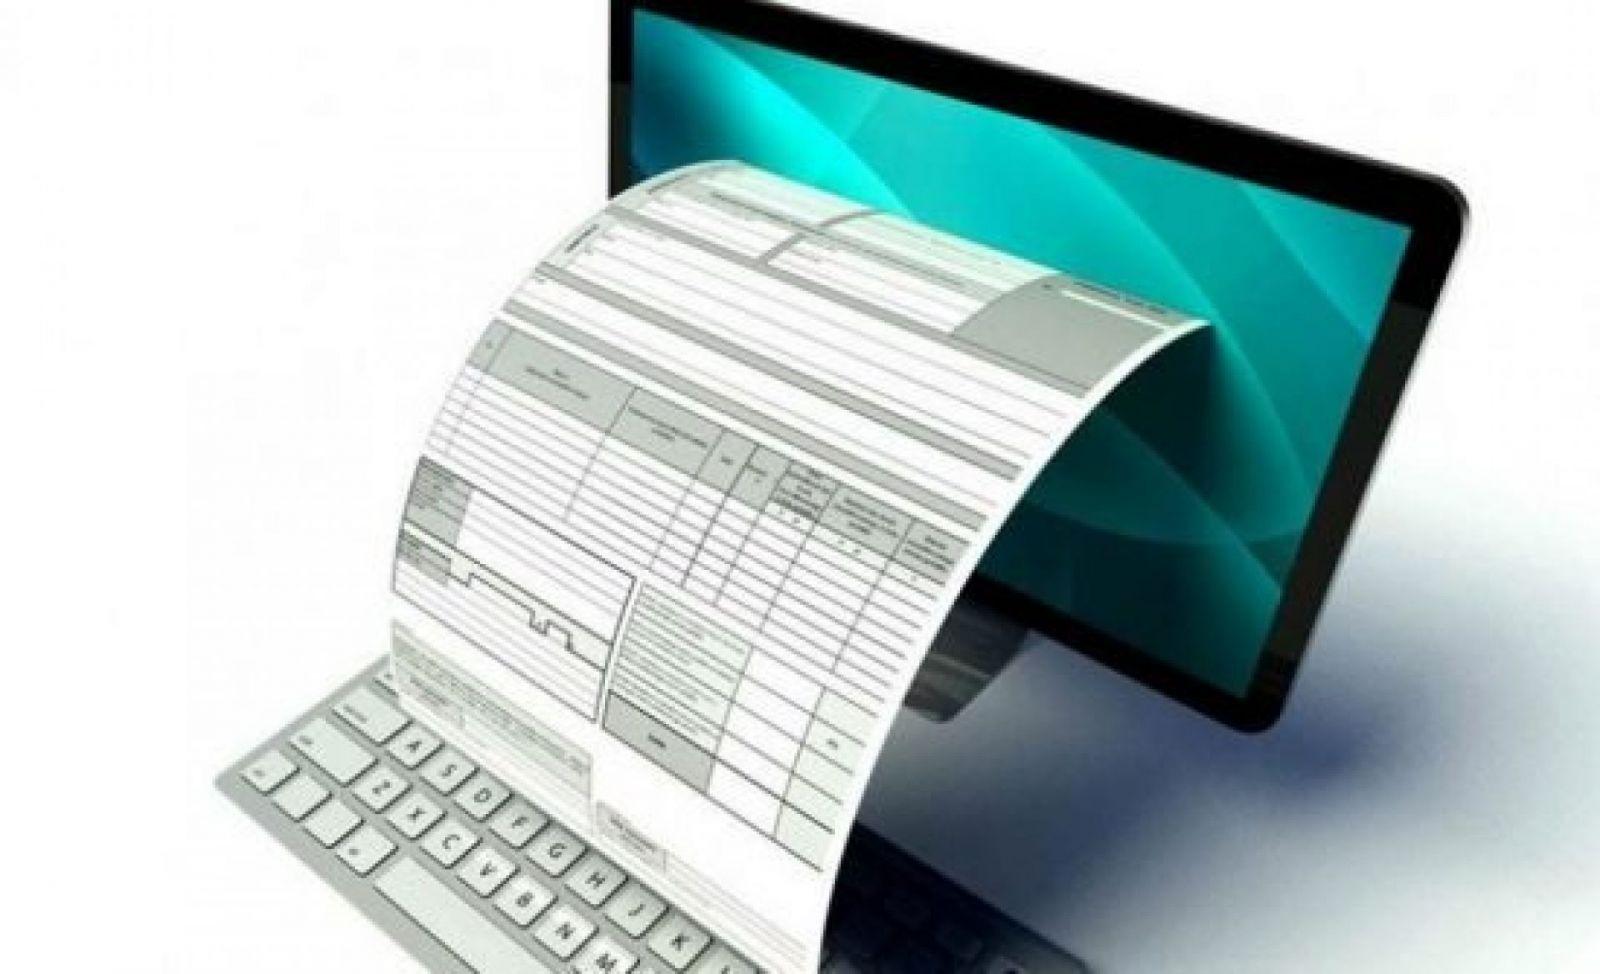 Ηλεκτρονικά τιμολόγια, βιβλία και online ταμειακές μηχανές με την εφορία